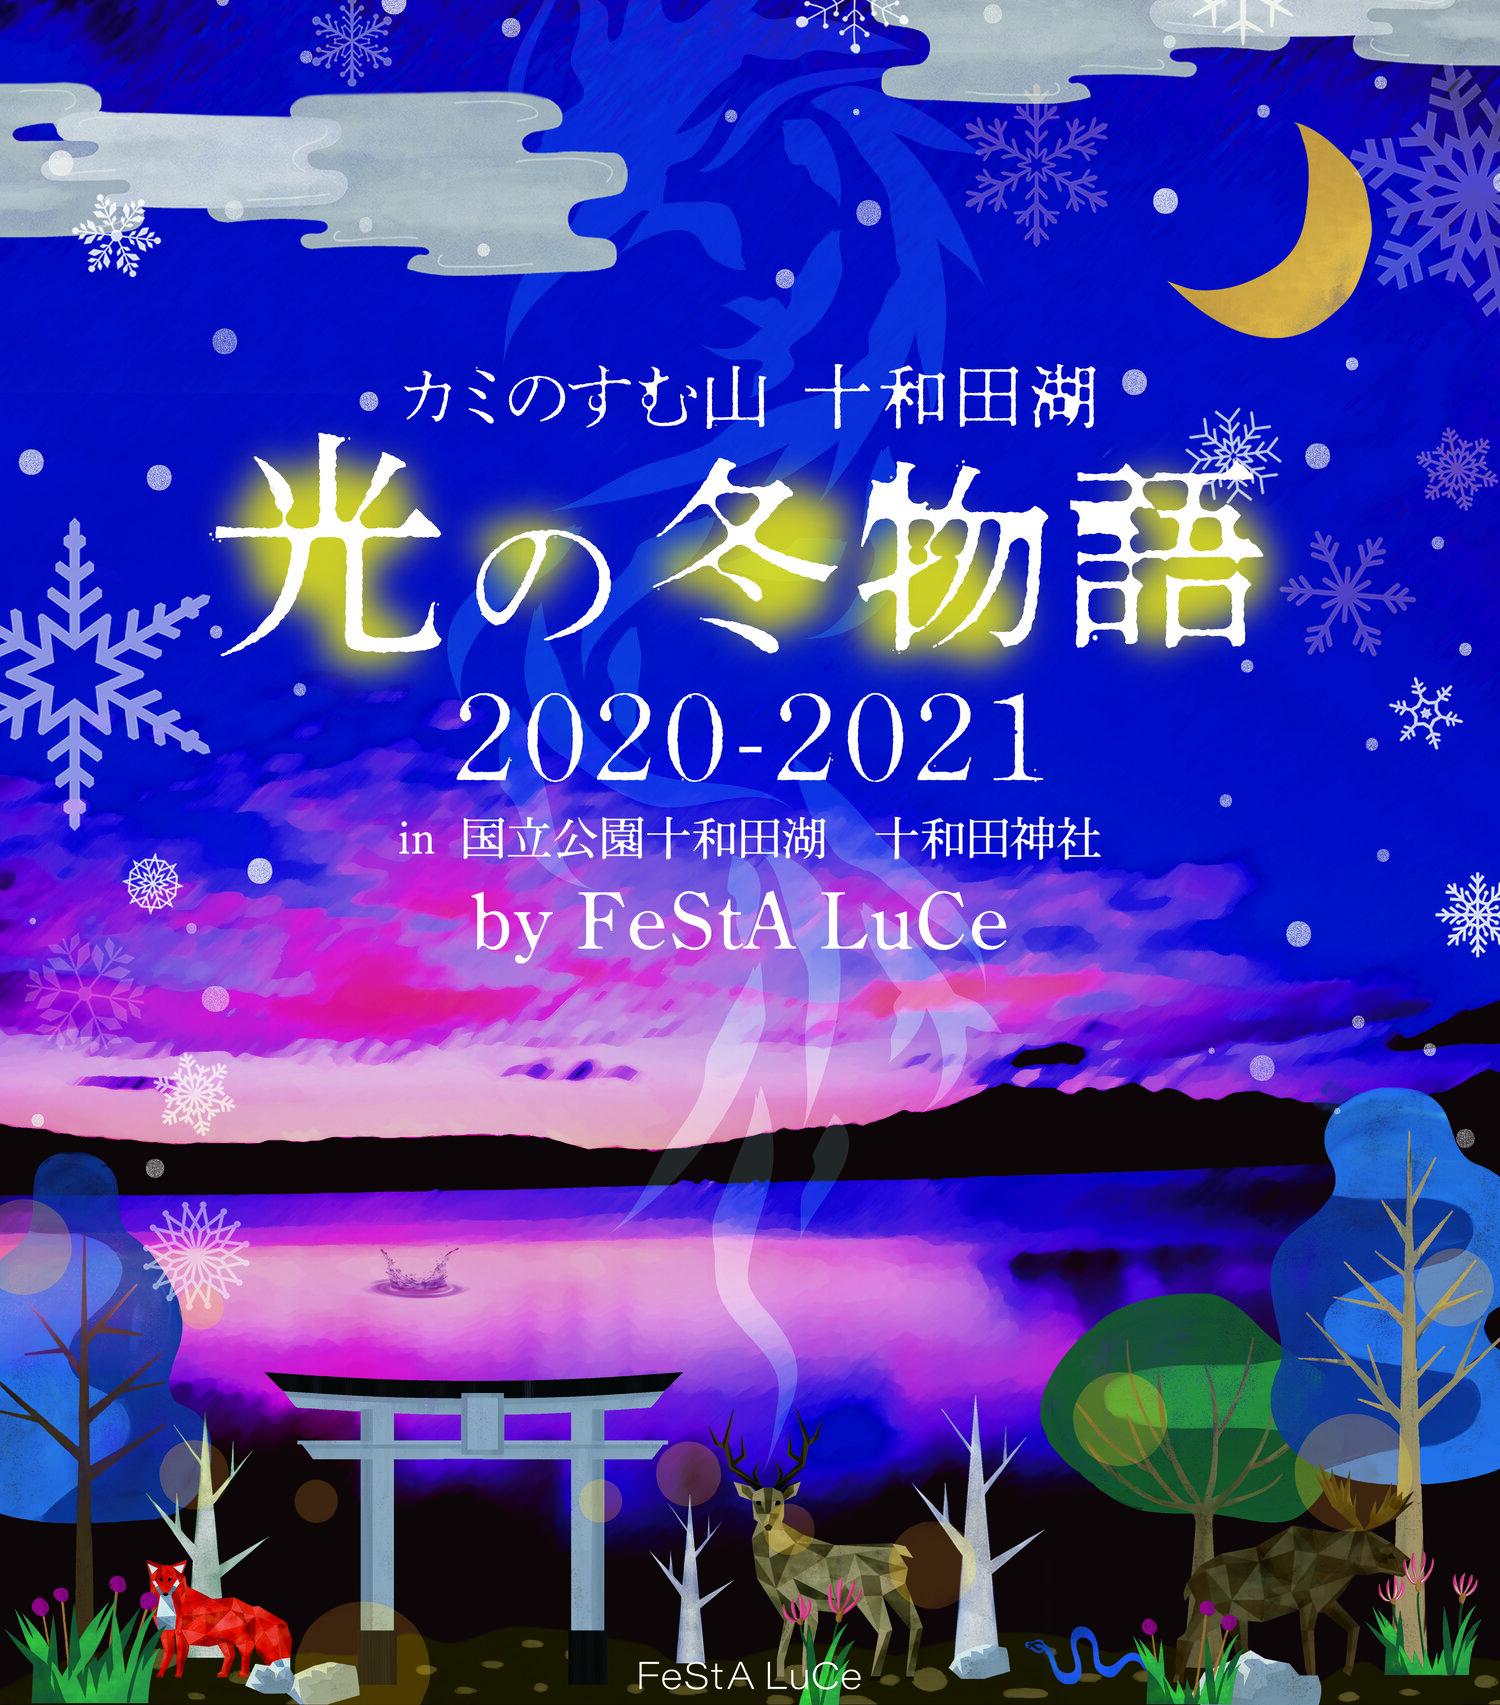 《カミのすむ山 十和田湖 光の冬物語2020-2021 in国立公園十和田湖 十和田神社 byFeStALuCe》※メインビジュアル